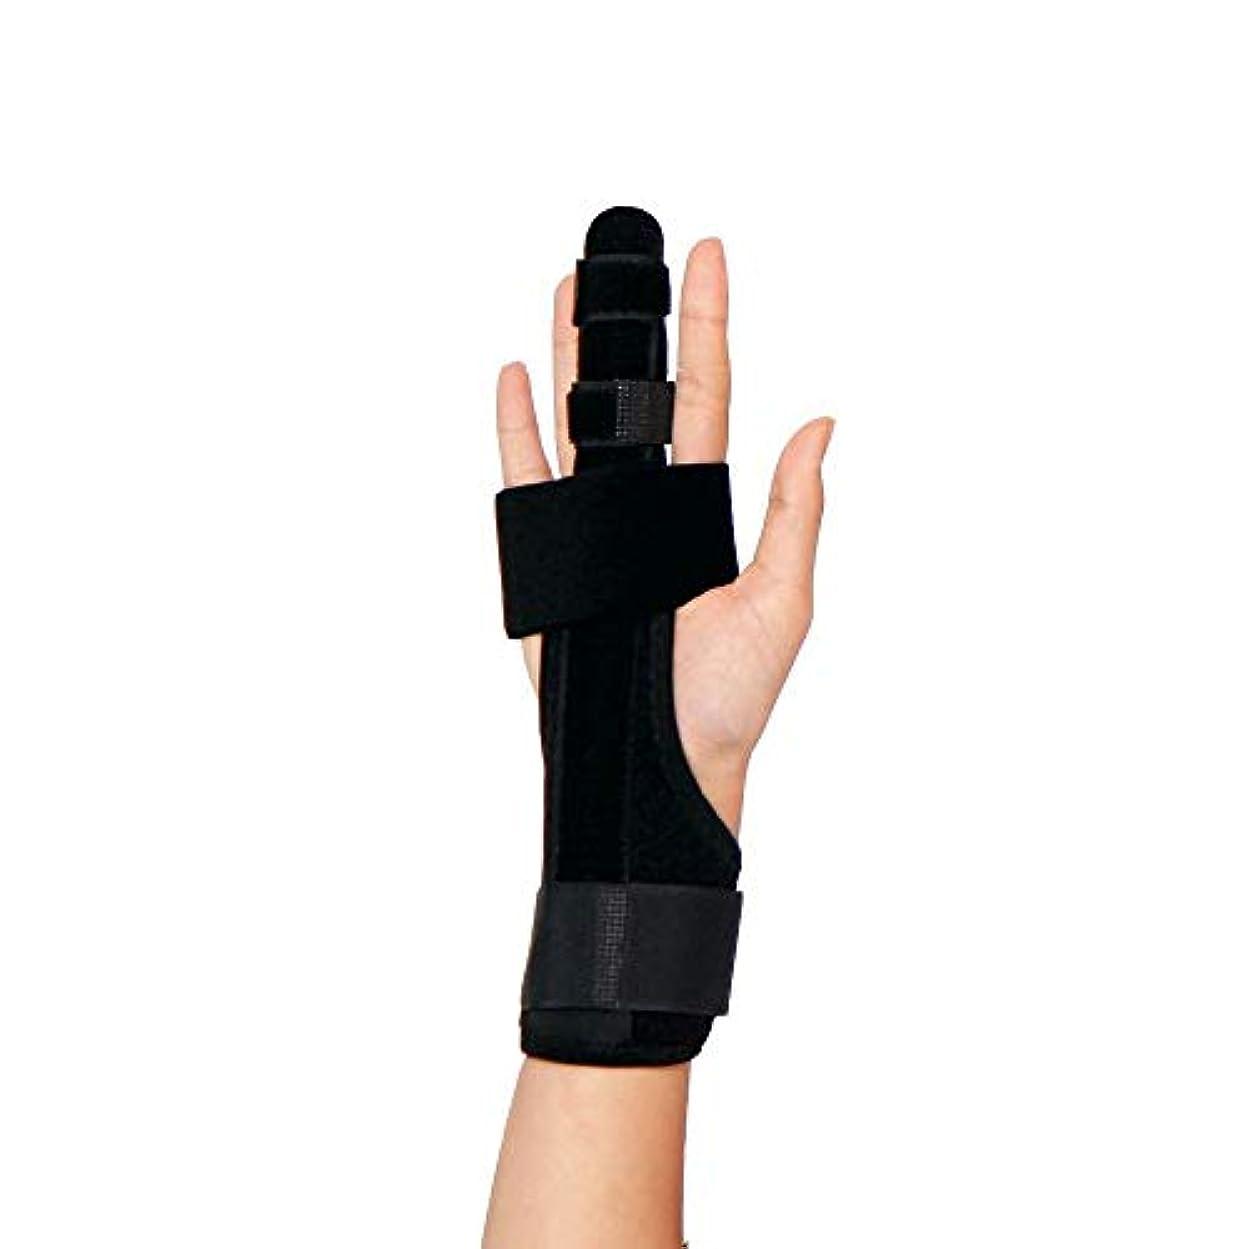 一致まとめる内なるトリガーフィンガースプリントフィンガーブレース、折れた指用の快適なフィンガースプリント、曲がったマレットまたは関節炎の指関節用の調整可能なプロテクター